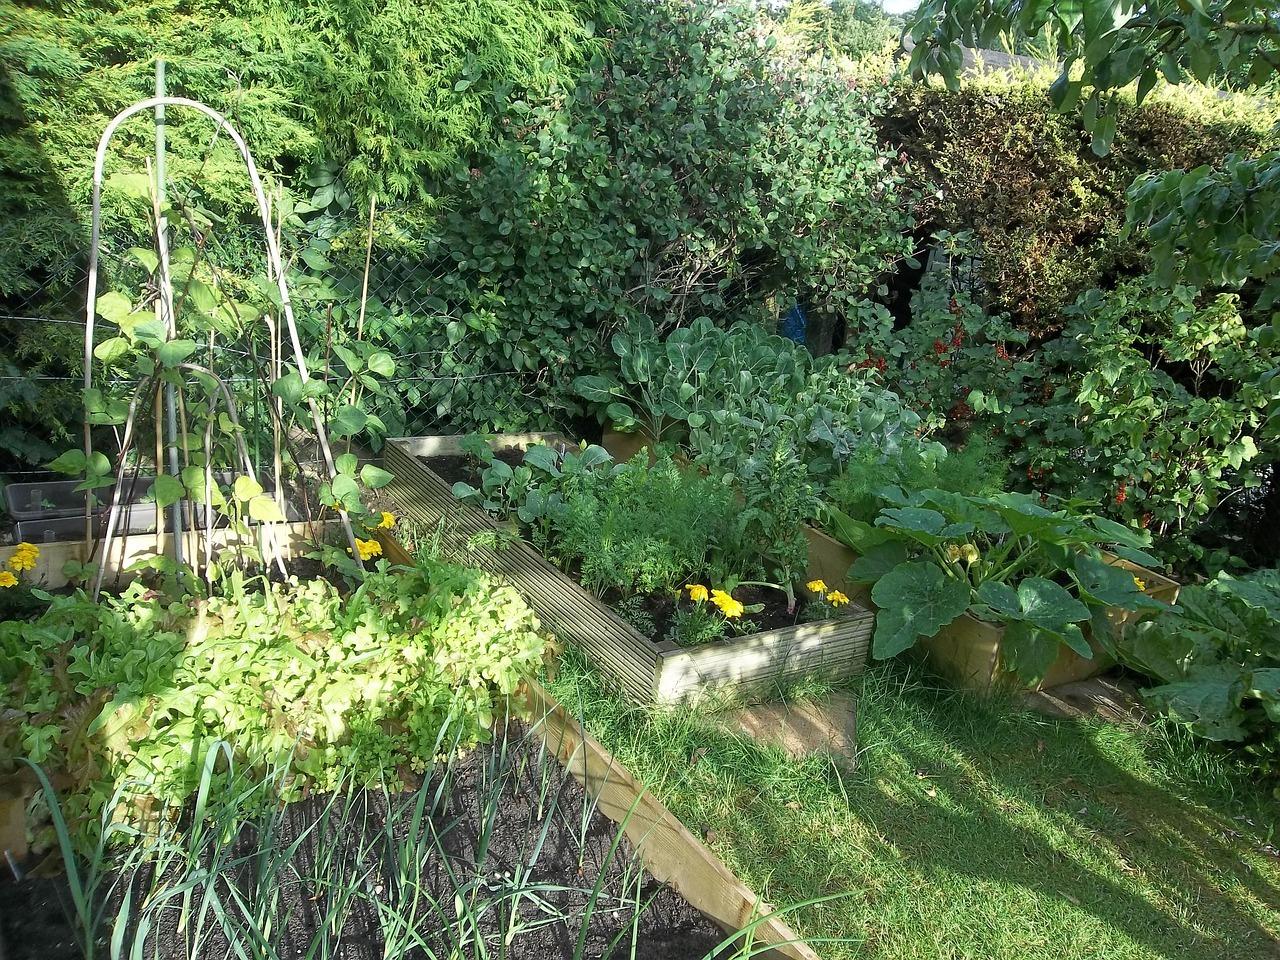 Comment Bien S'organiser Au Potager ? concernant Organisation D Un Jardin Potager